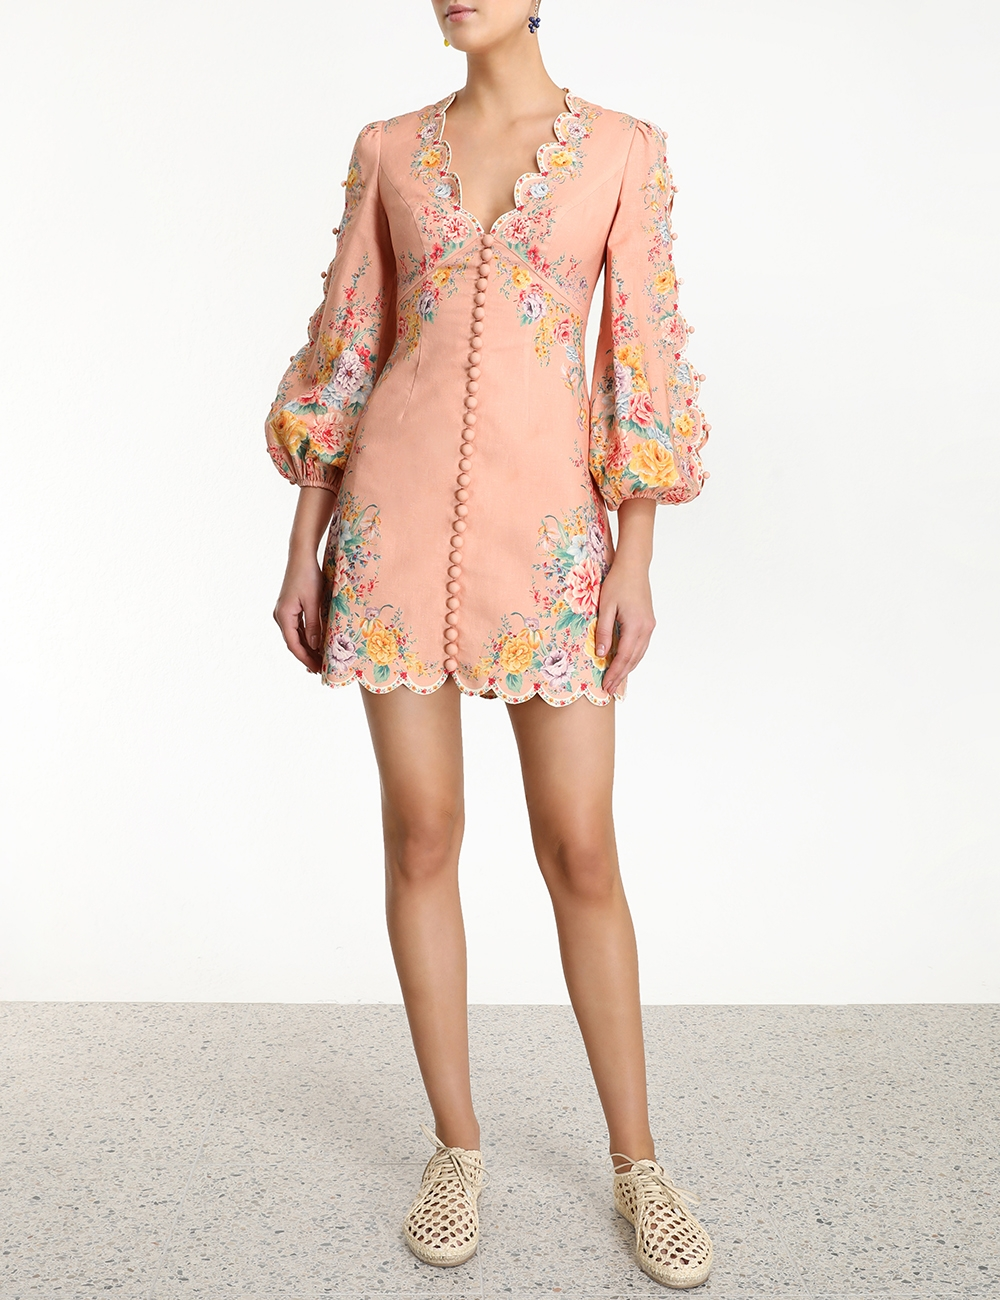 Zinnia Scallop Mini Dress